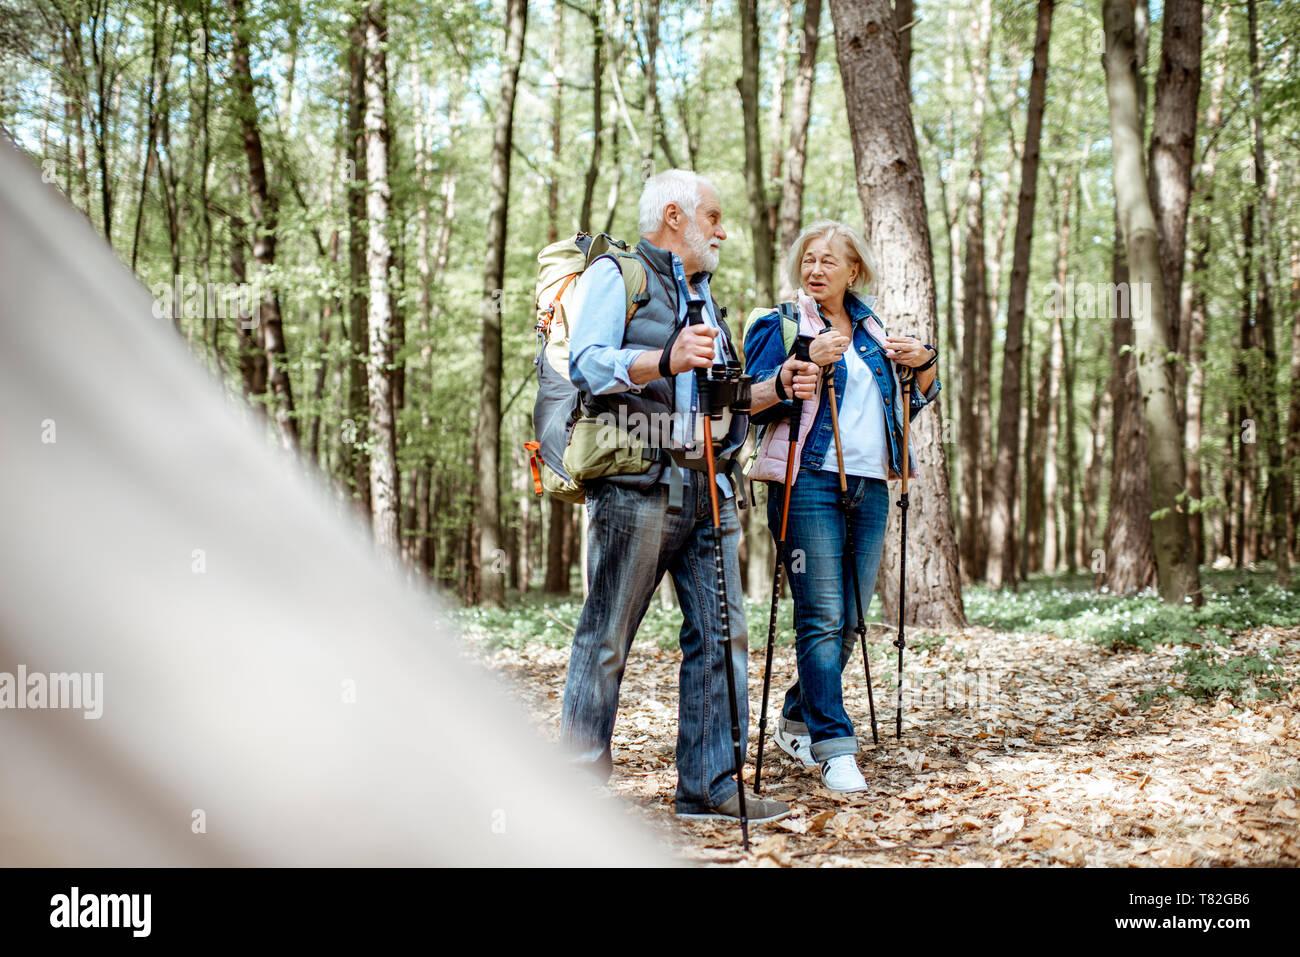 Hermosa pareja senior caminatas con mochilas y bastones de trekking en la selva. Concepto de la vida activa a la jubilación Foto de stock